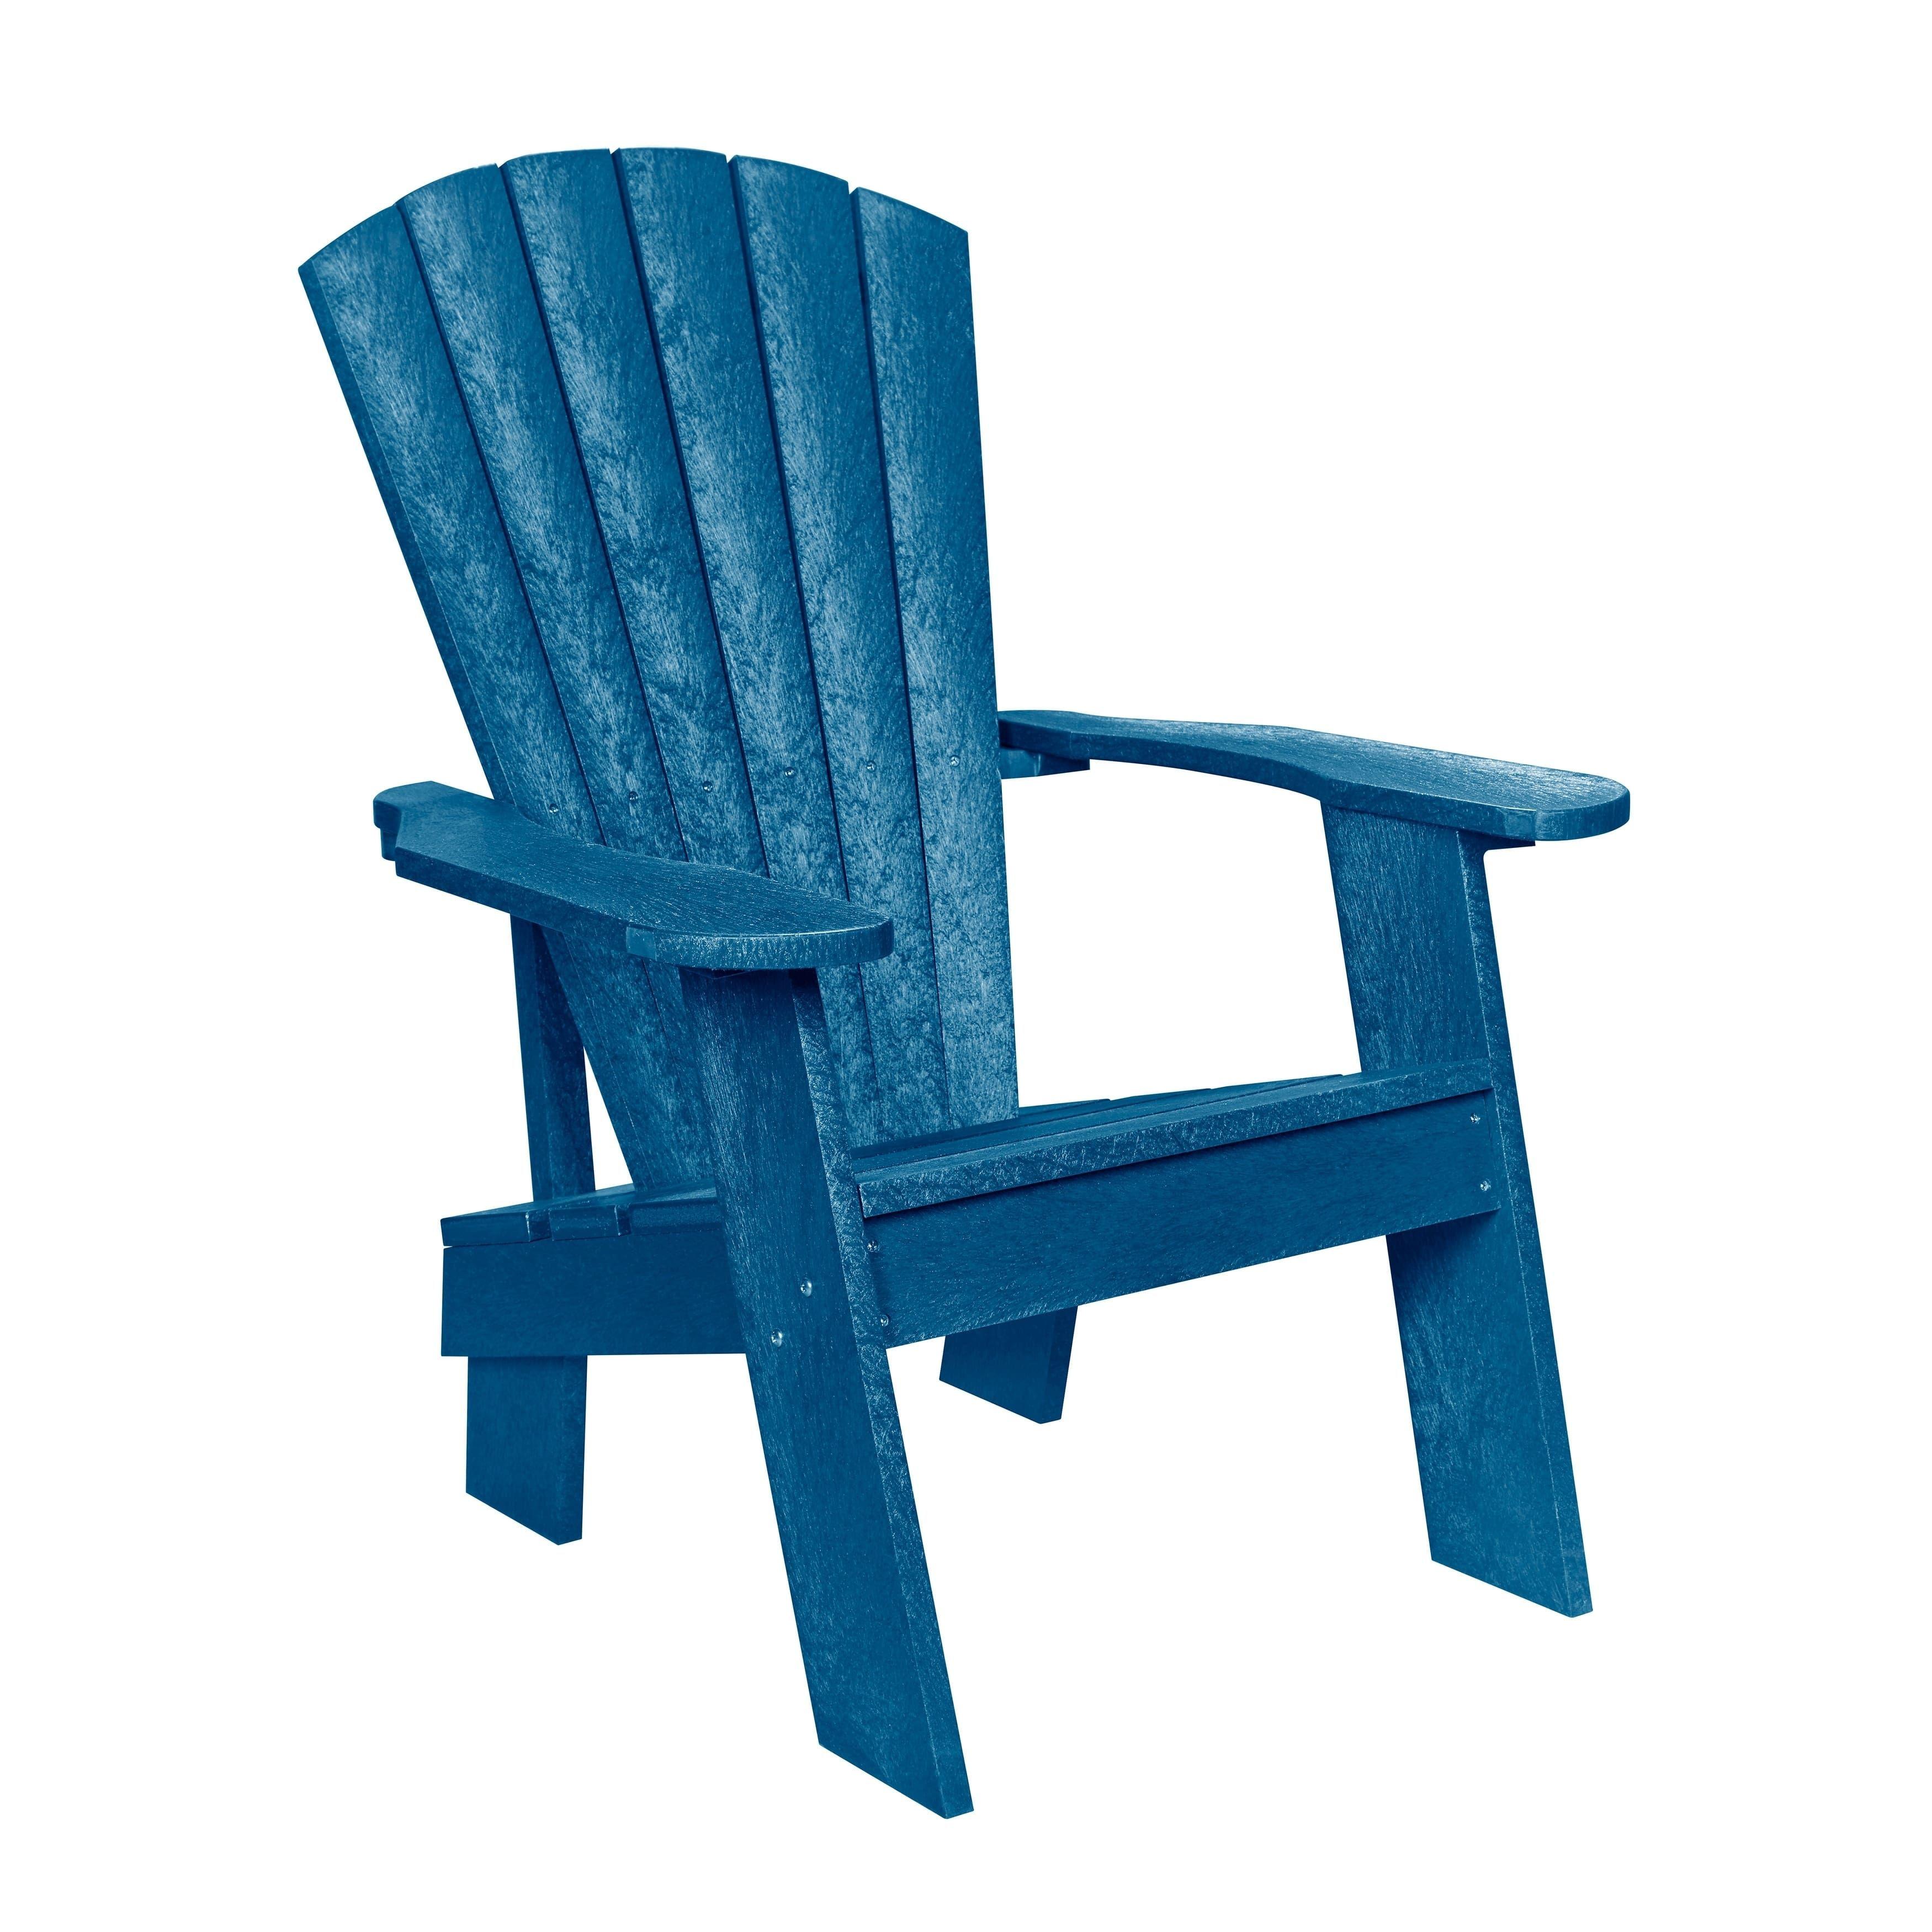 Adirondack Chair Recycled plastic adirondack chairs